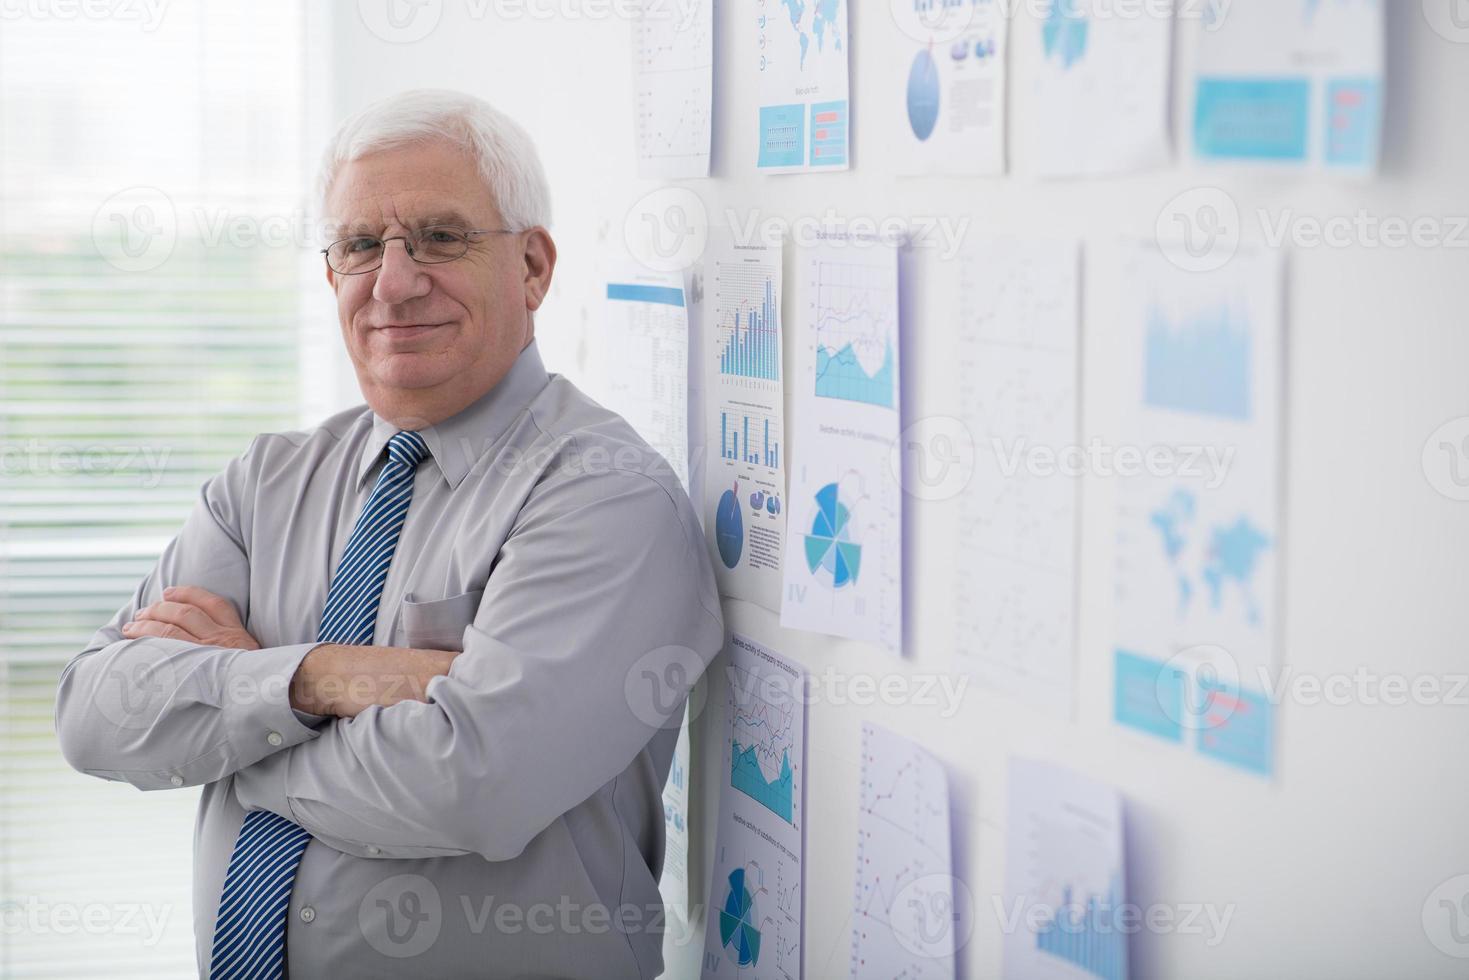 lachende vertrouwen zakenman foto